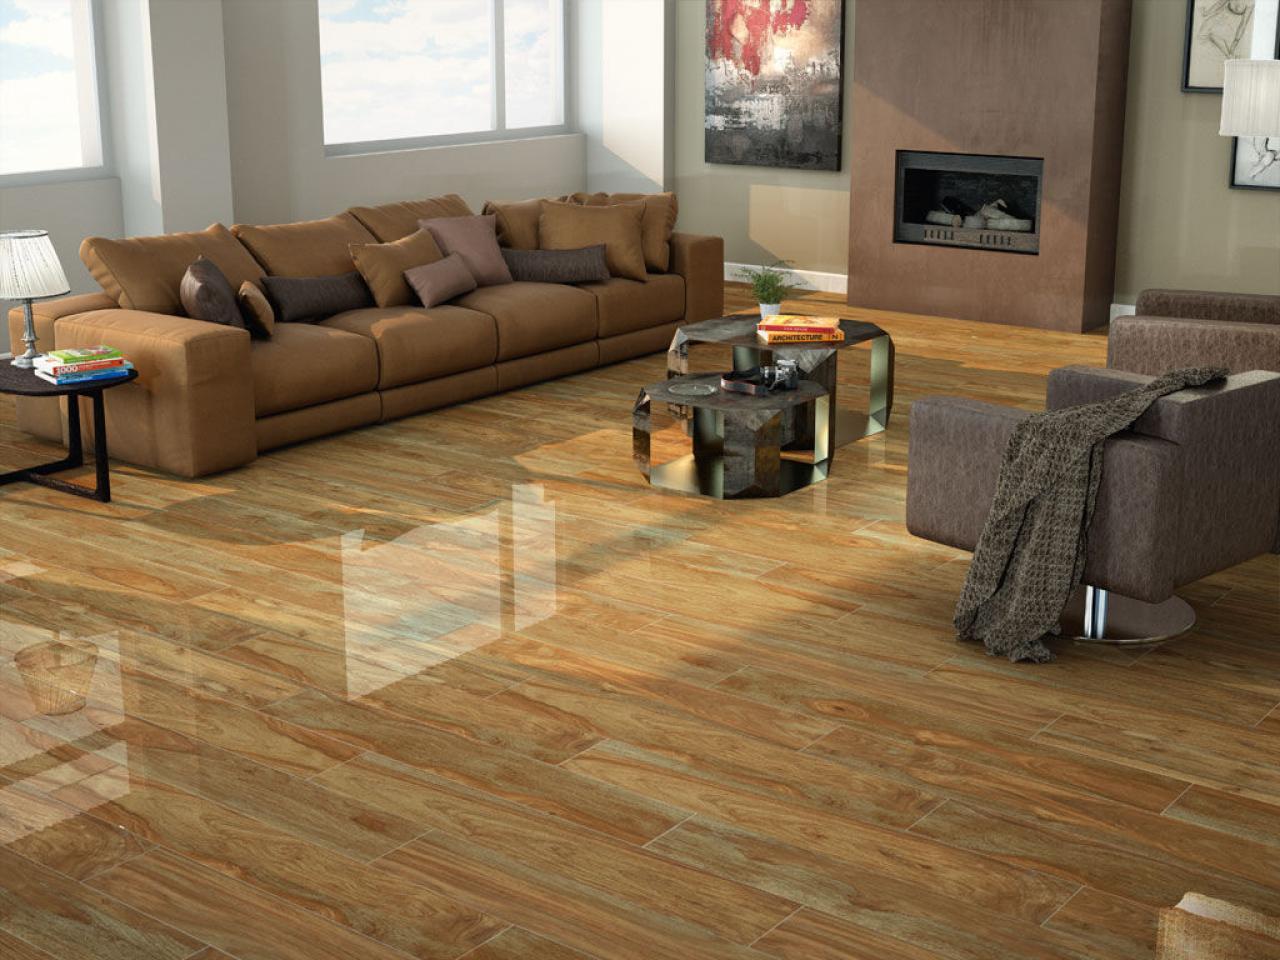 Gres effetto legno fratelli pellizzari for Pavimento ceramica effetto parquet